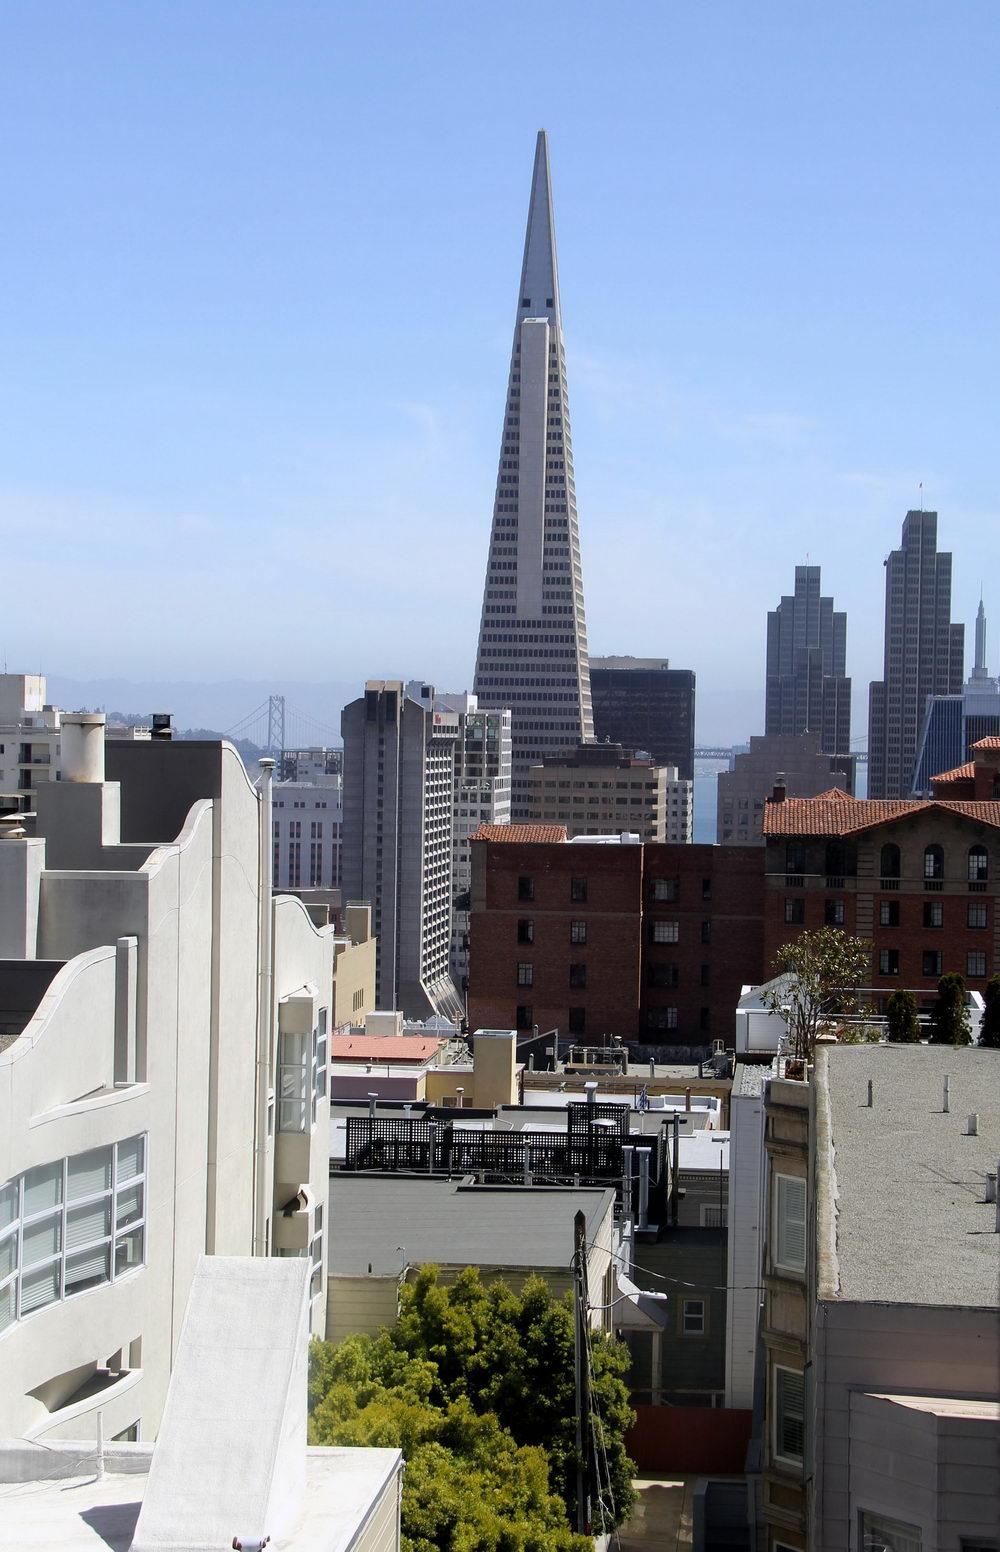 旧金山地标建筑泛美金字塔大厦首次挂牌出售